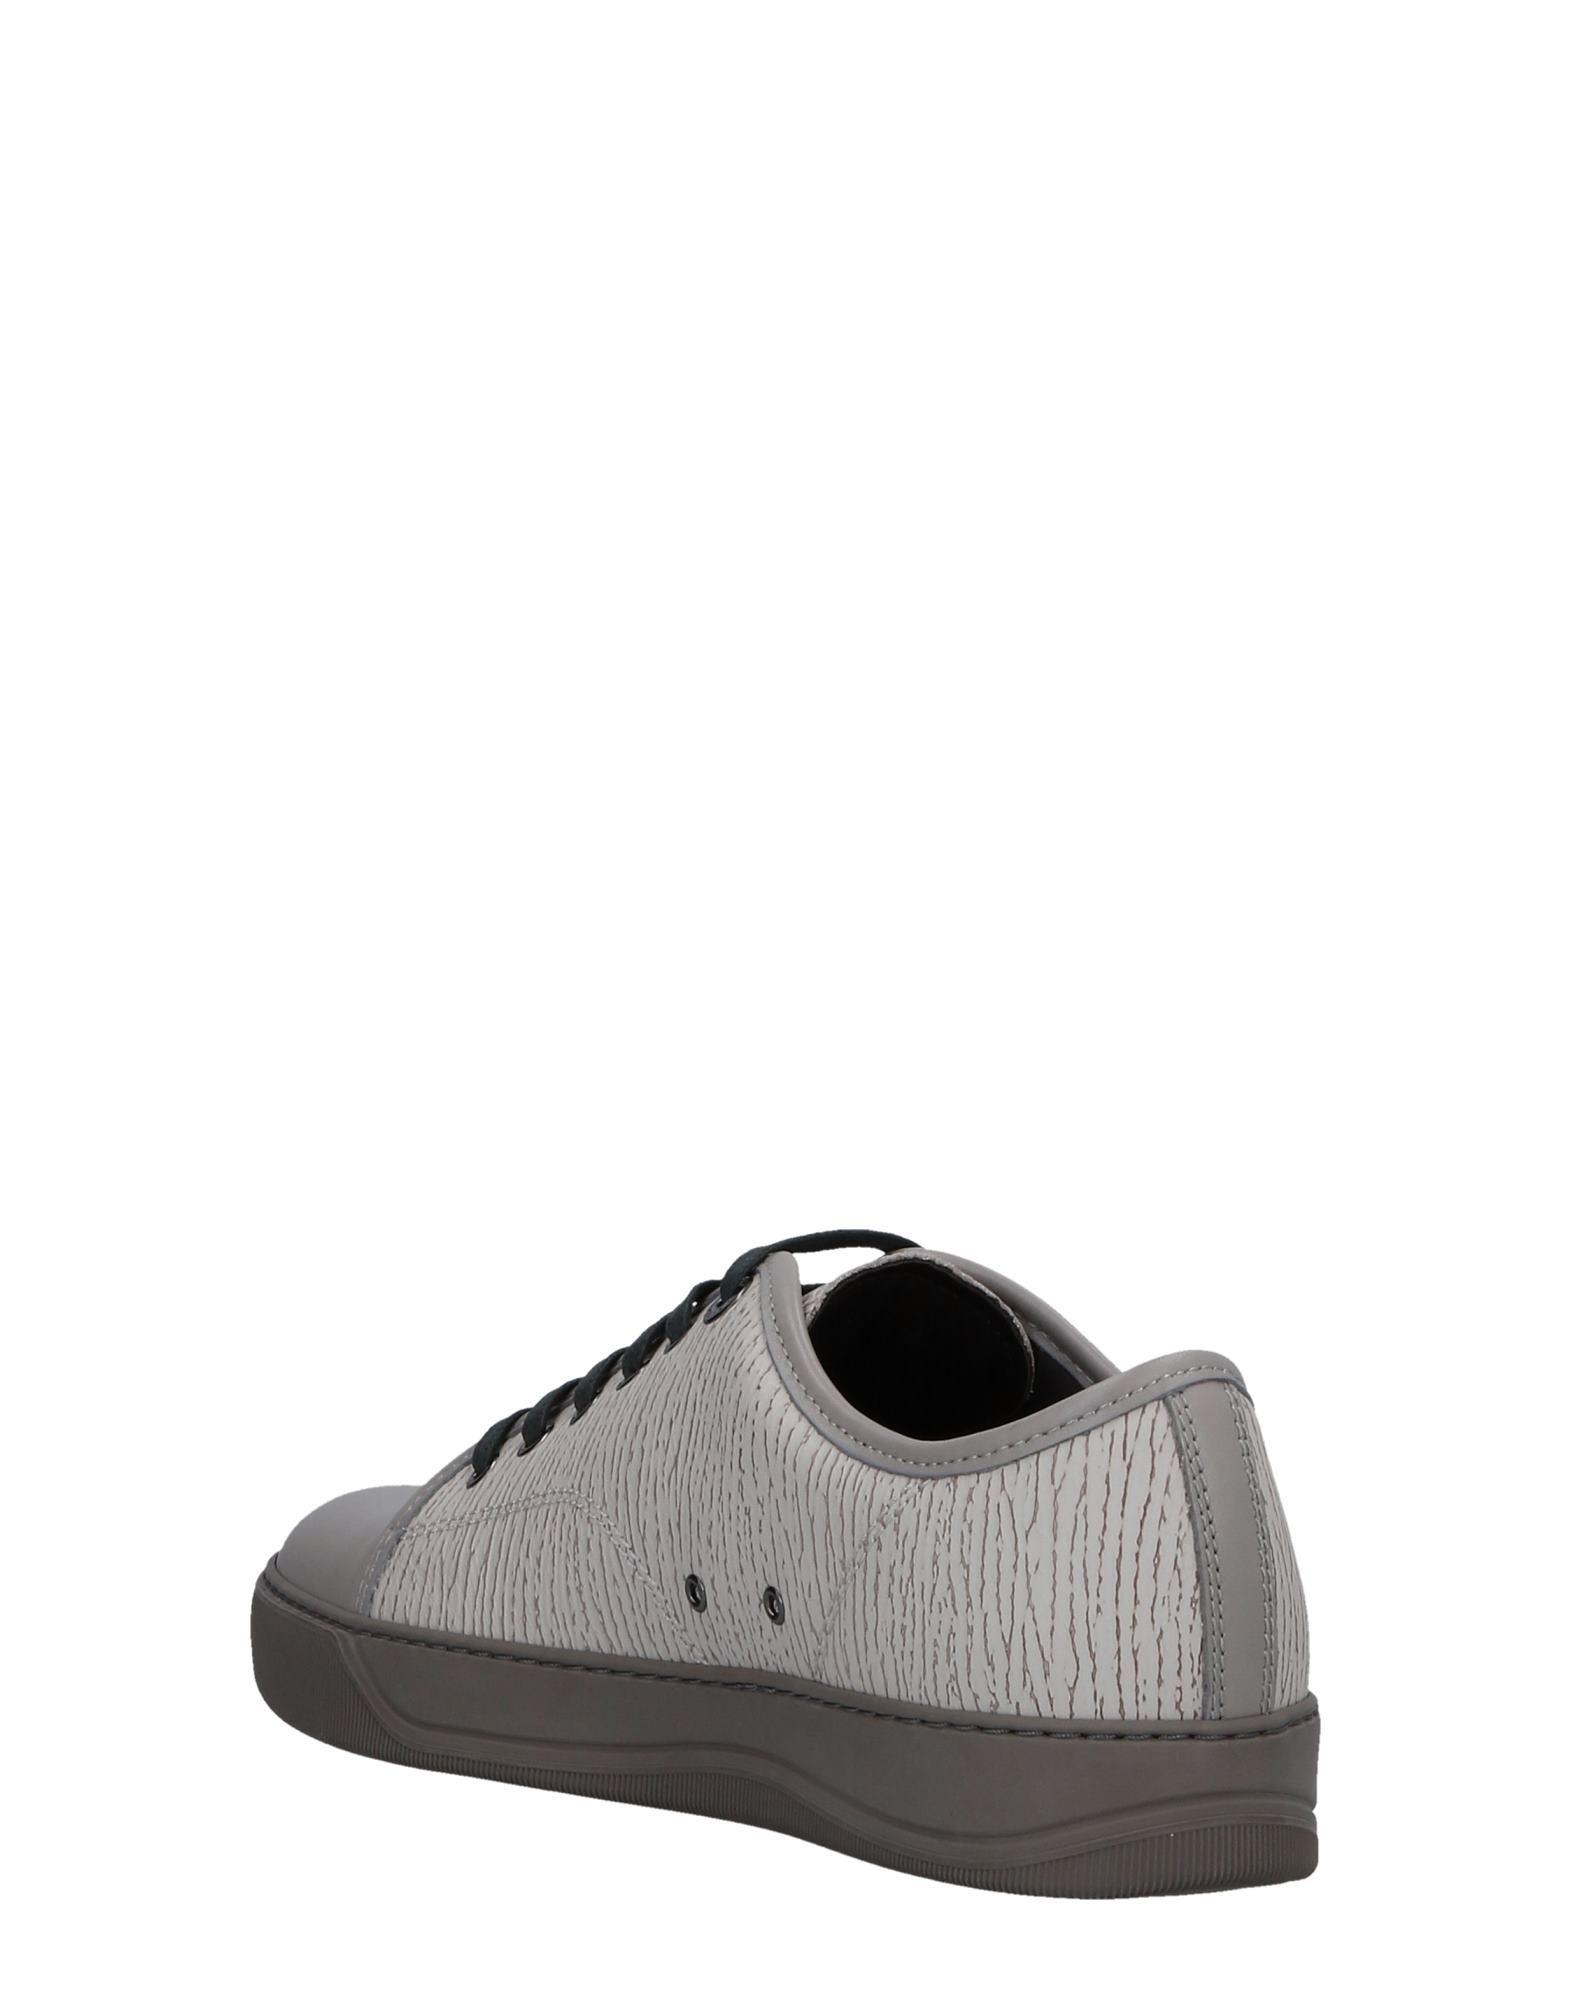 Herren Lanvin Sneakers Herren   11514100PW Heiße Schuhe d81b38